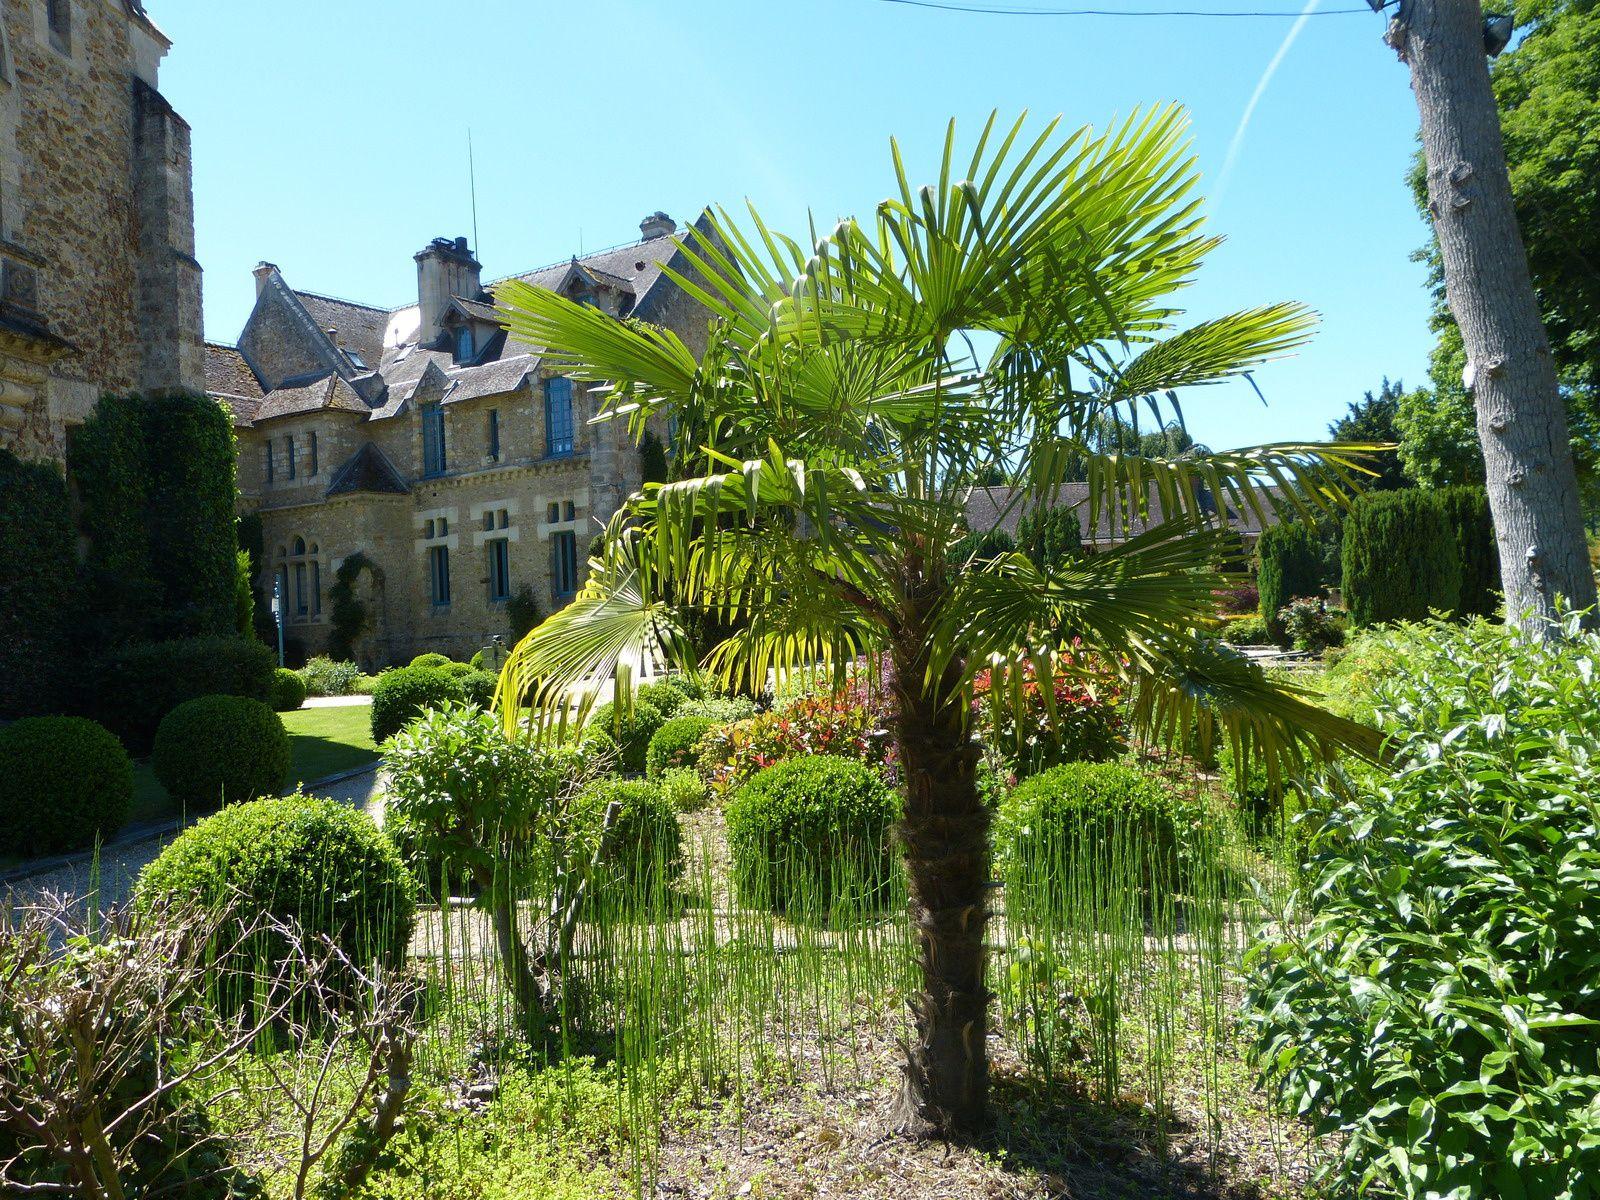 ...que cette Abbaye des Vaux de Cernay dans les Yvelines.....http://www.sortir-yvelines.fr/Chateaux-et-patrimoine/Chateaux-et-Patrimoine-dans-les-Yvelines/visite-decouverte-yvelines/abbaye-vaux-de-cernay.............................